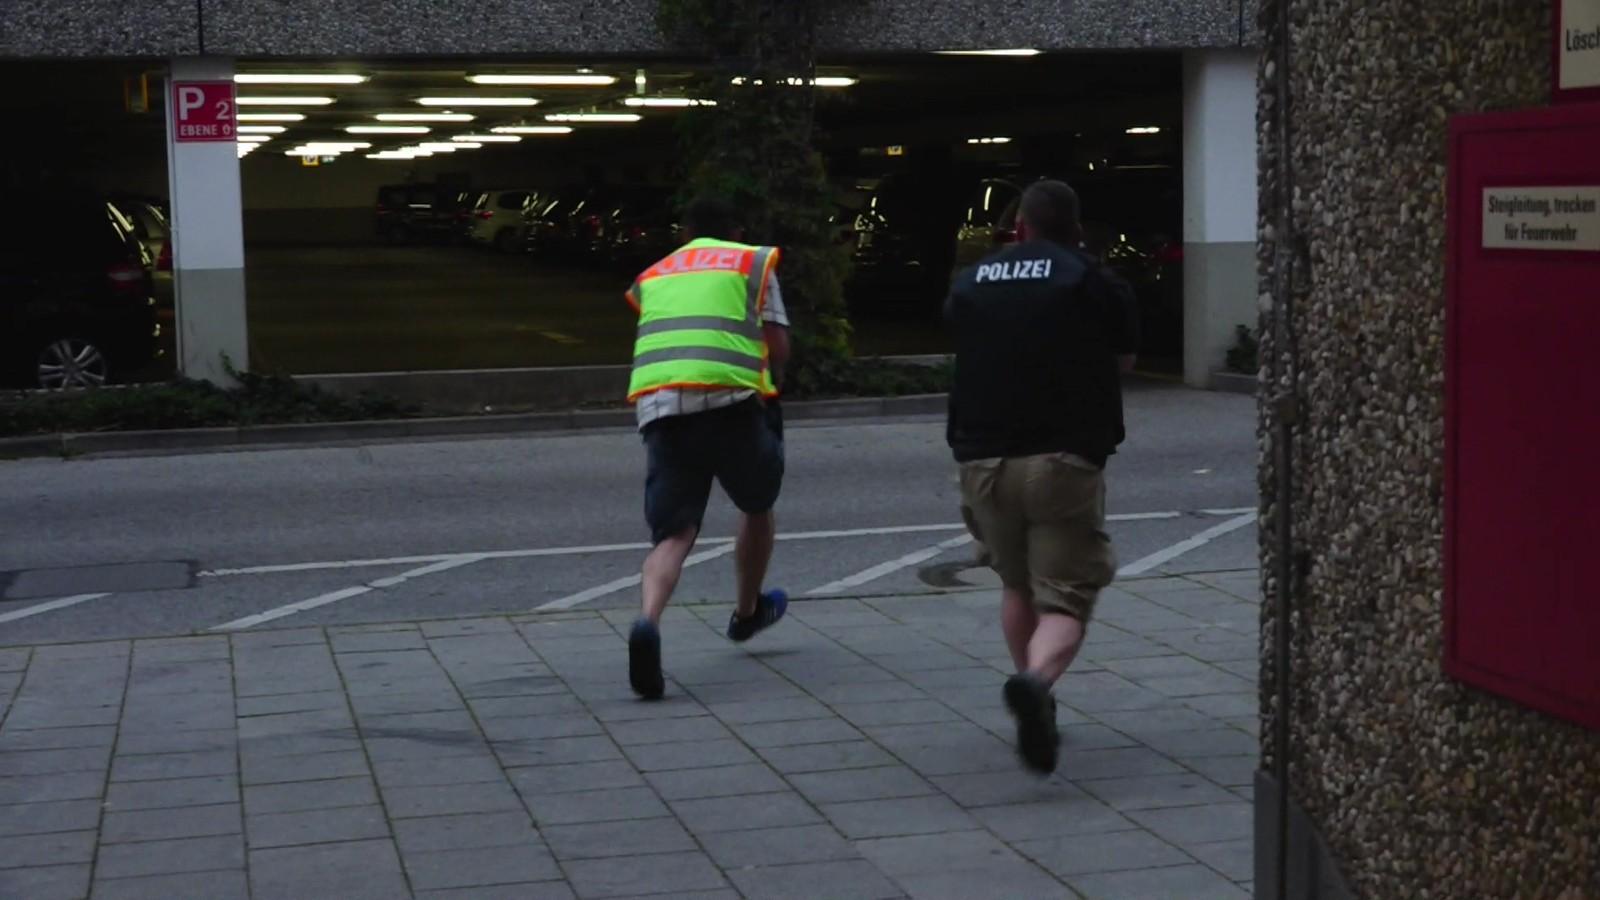 SPRINGER MOT KJØPESENTERET: Bilde fra video som viser sivilt politi som springer mot parkeringshuset ved kjøpesenteret der skytingen begynte fredag kveld.